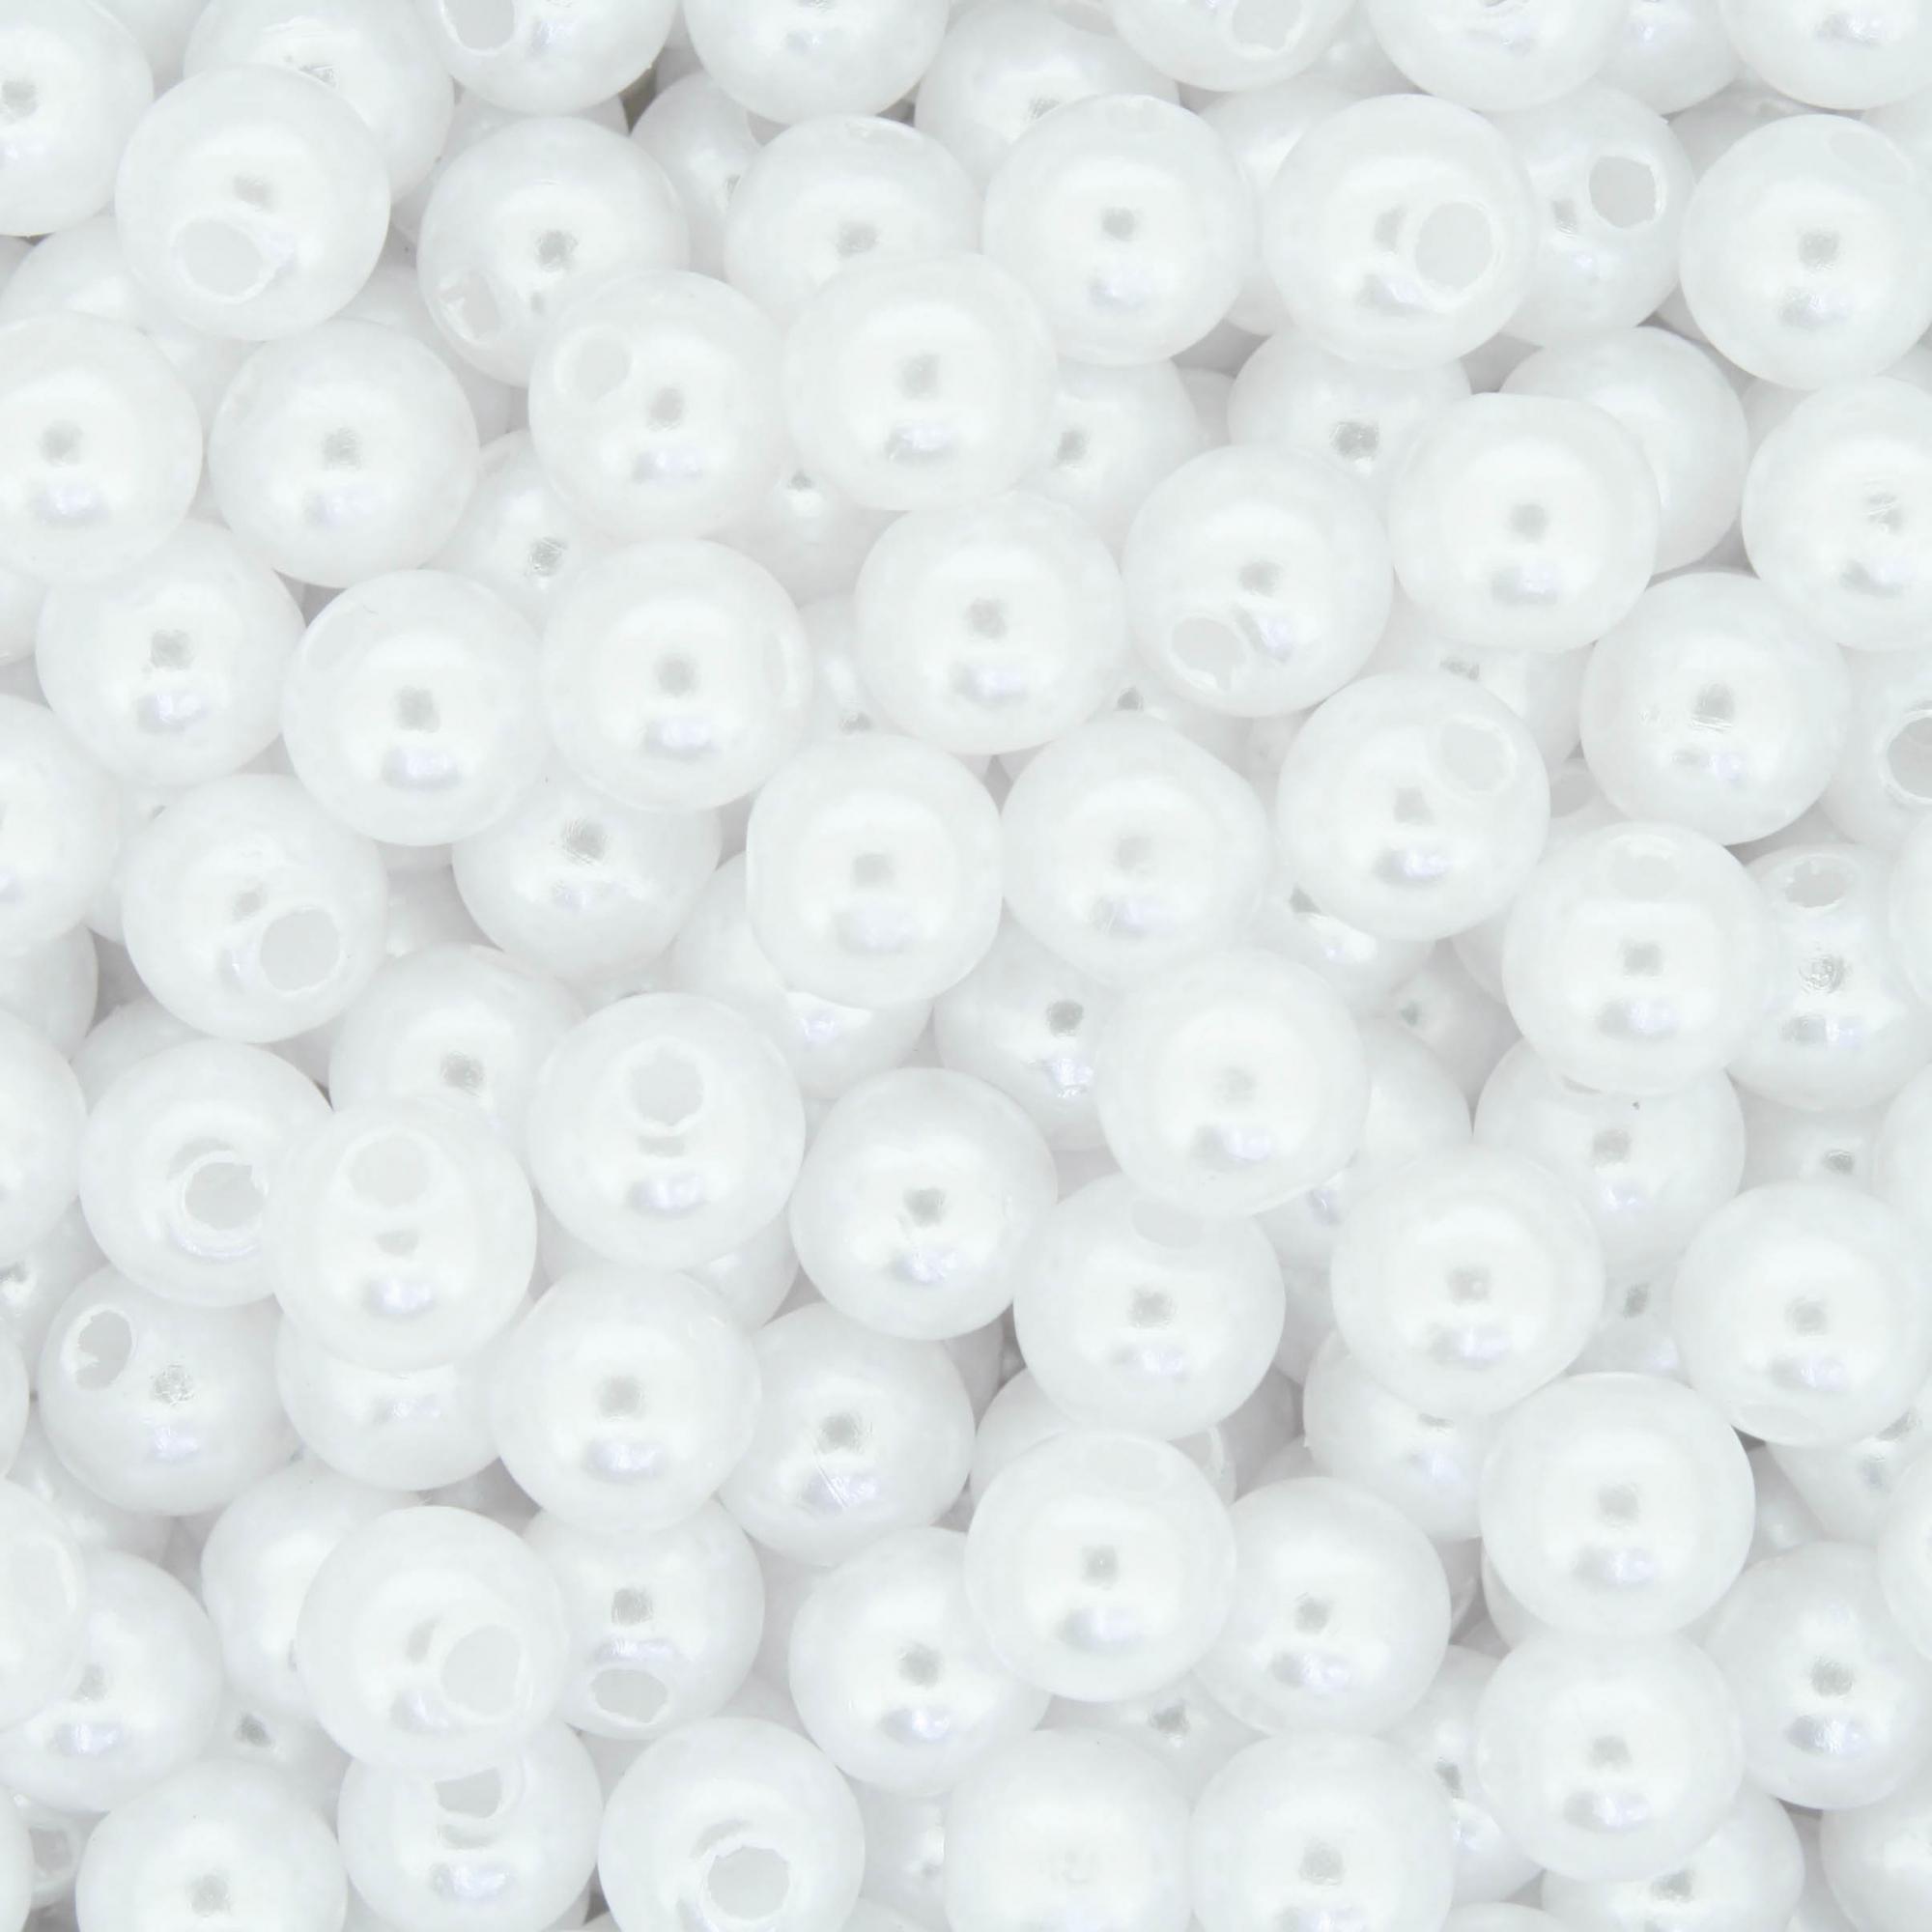 Pérola - Branca - 6mm  - Stéphanie Bijoux® - Peças para Bijuterias e Artesanato